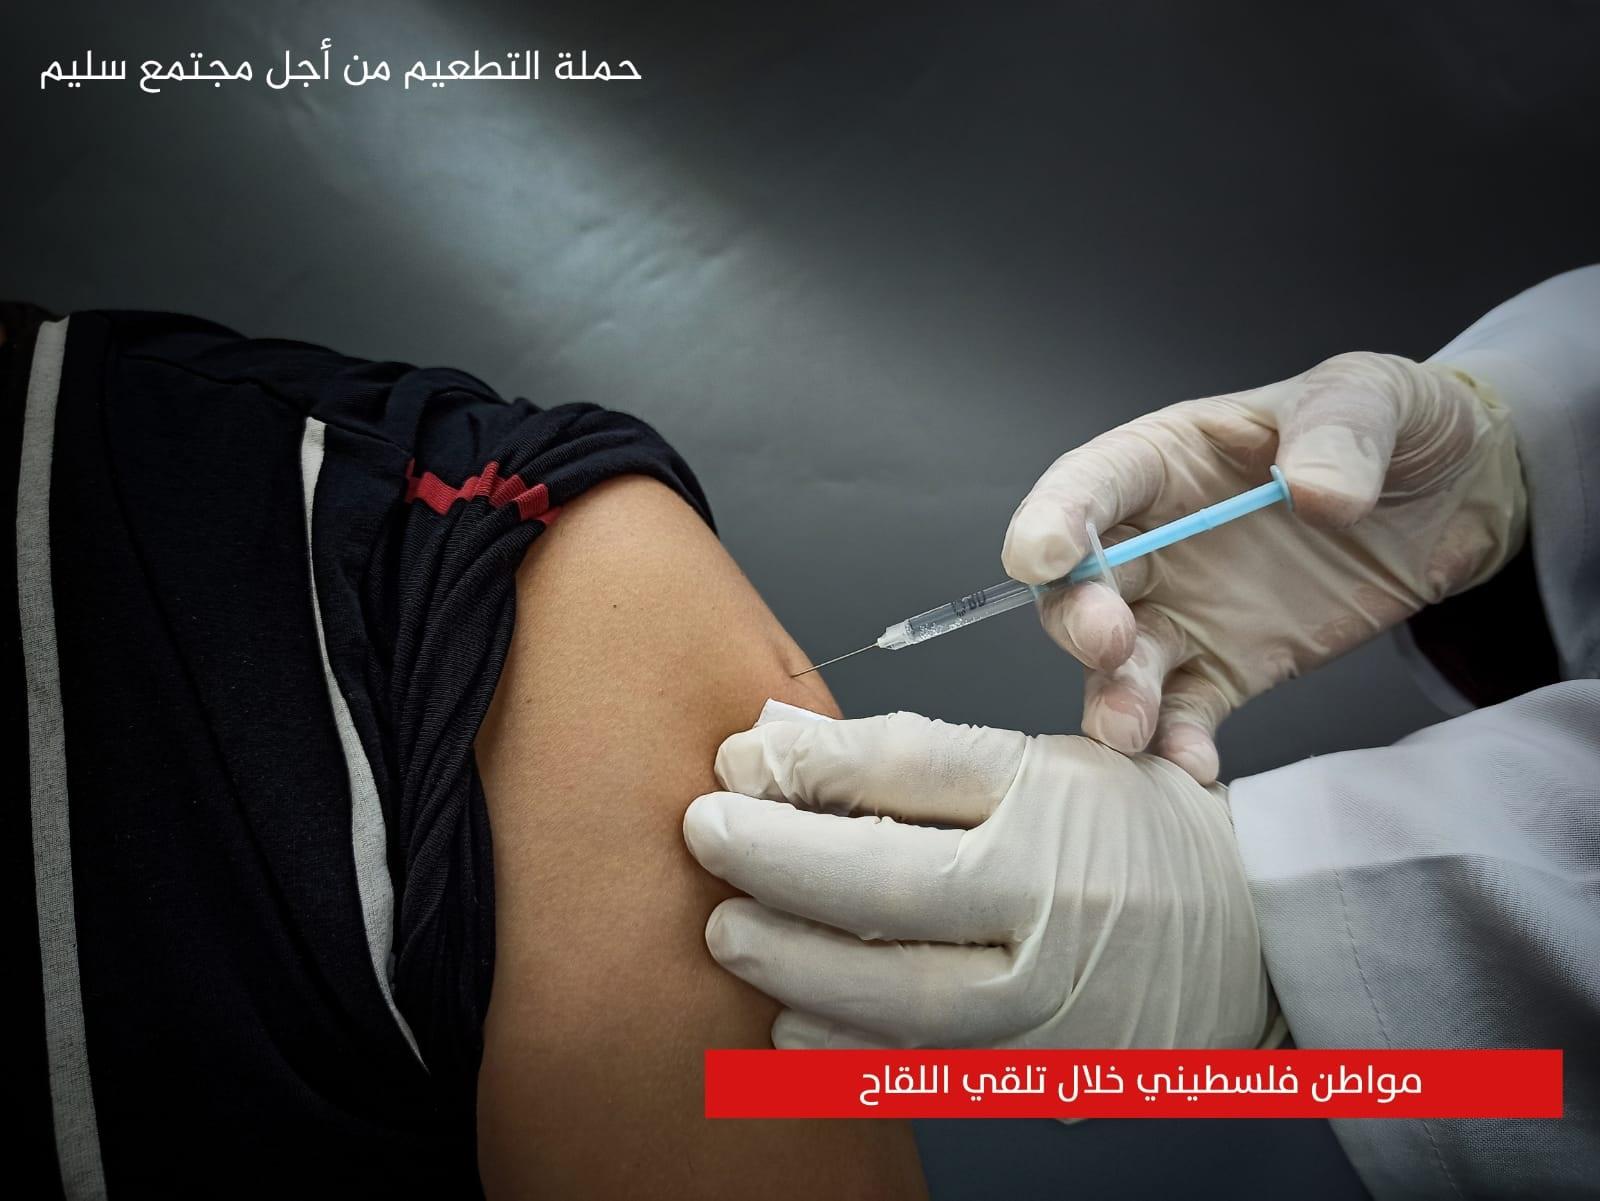 وفق إجراءات عالمية.. مراحل حفظ لقاح كورونا بغزة (صور)